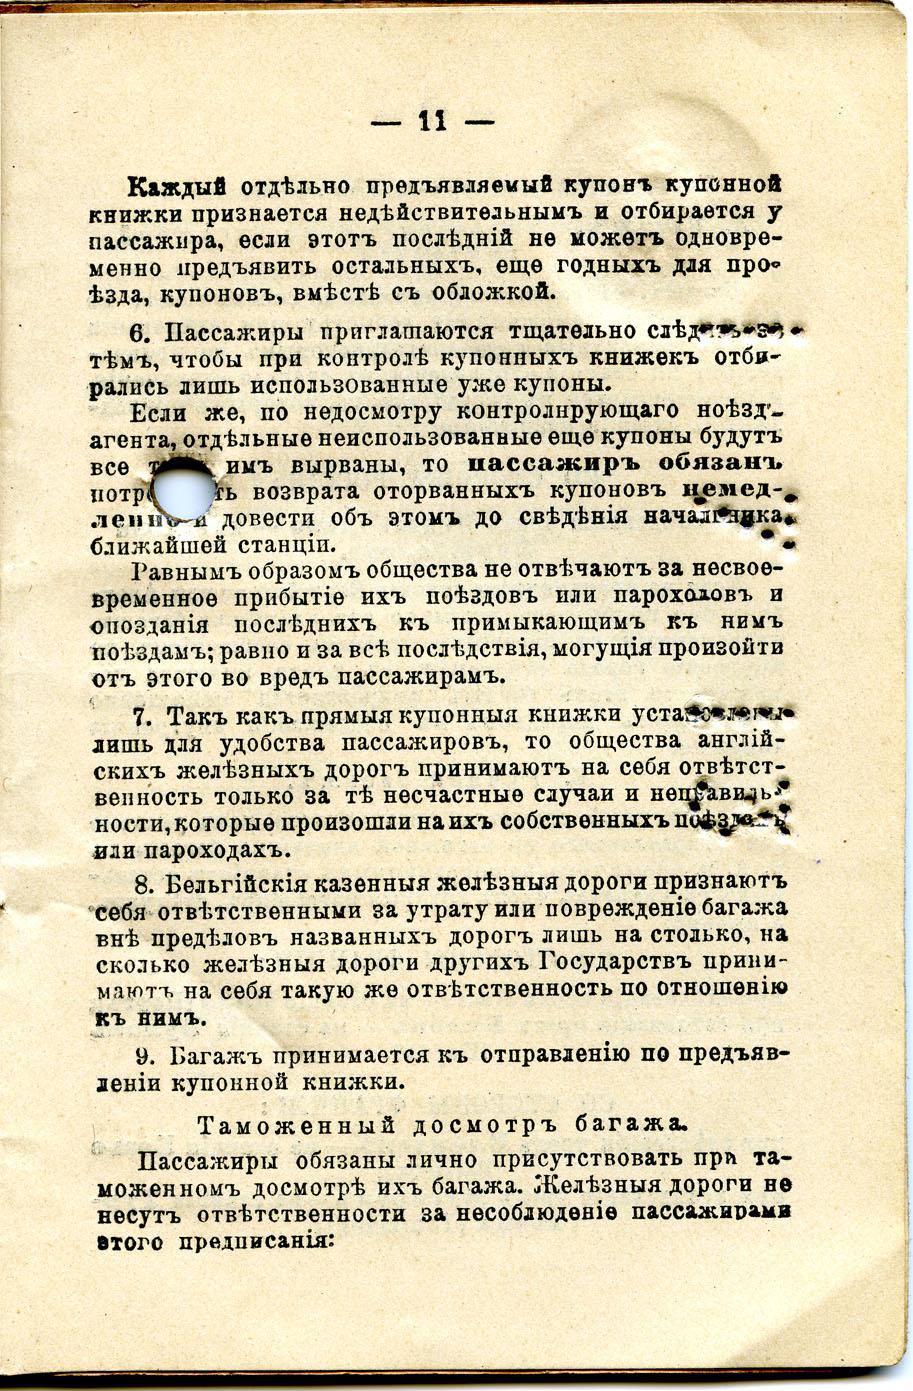 Polya's Train Ticket Paris to Alexandrowo 1913 p25